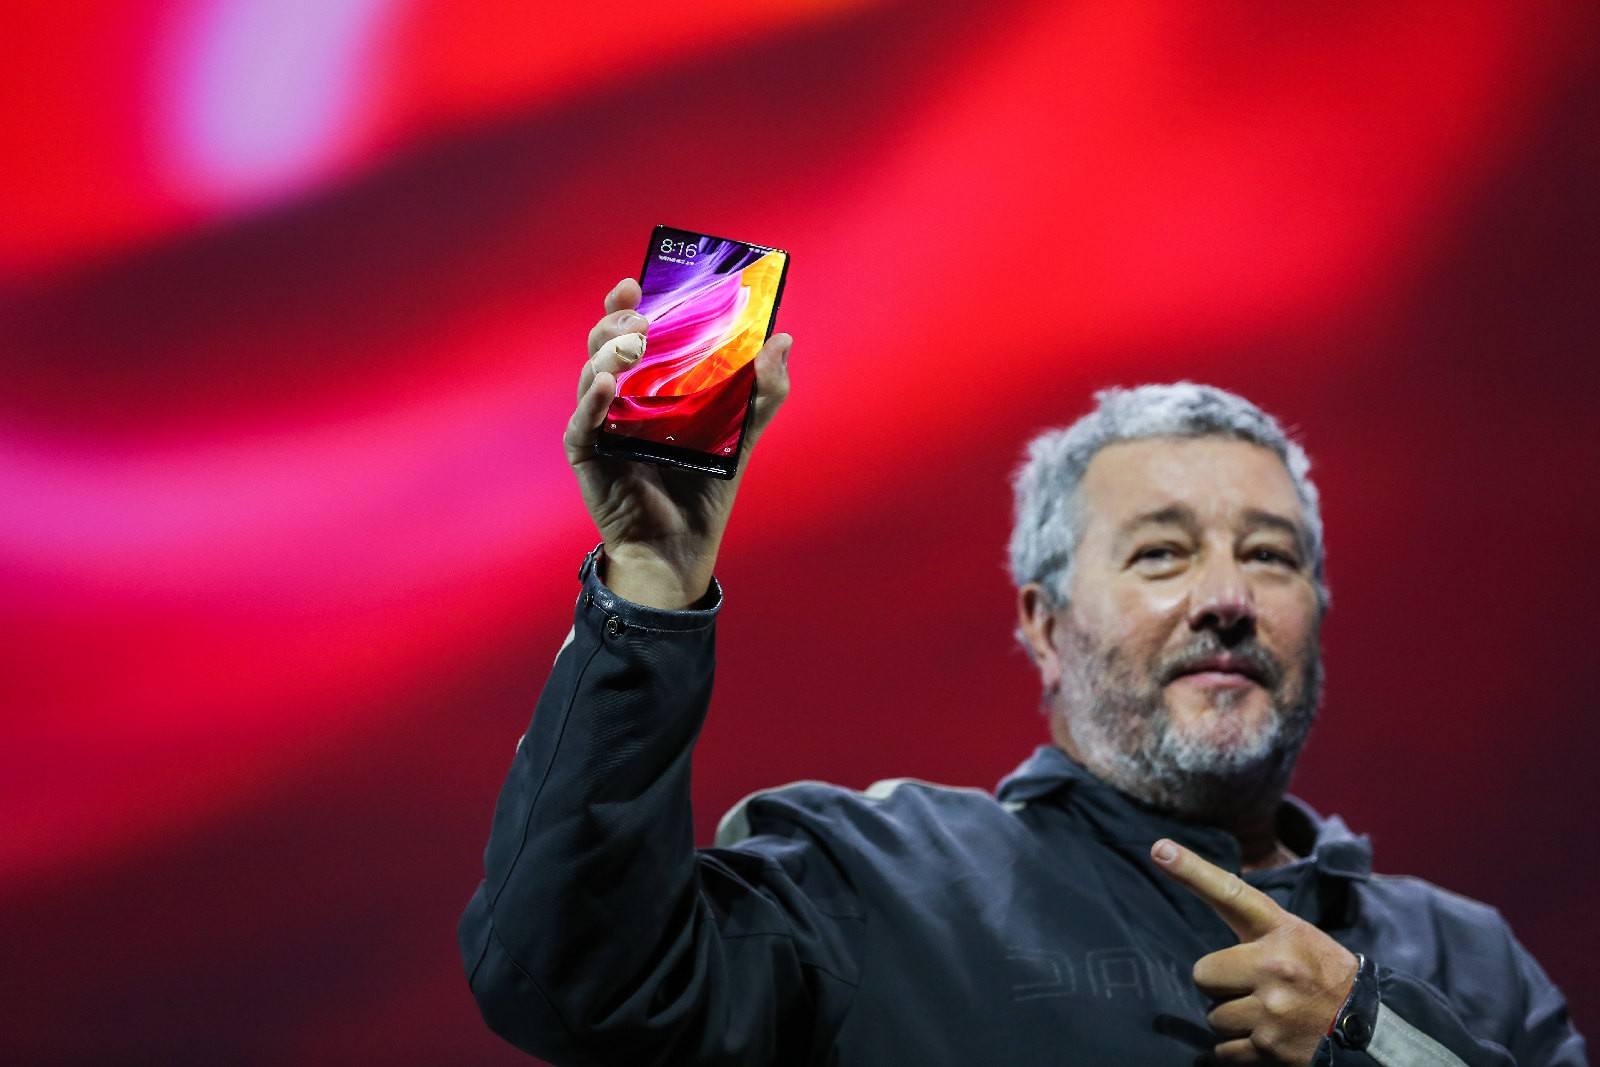 A tendência de smartphones sem bordas veio para ficar (Foto: Divulgação)